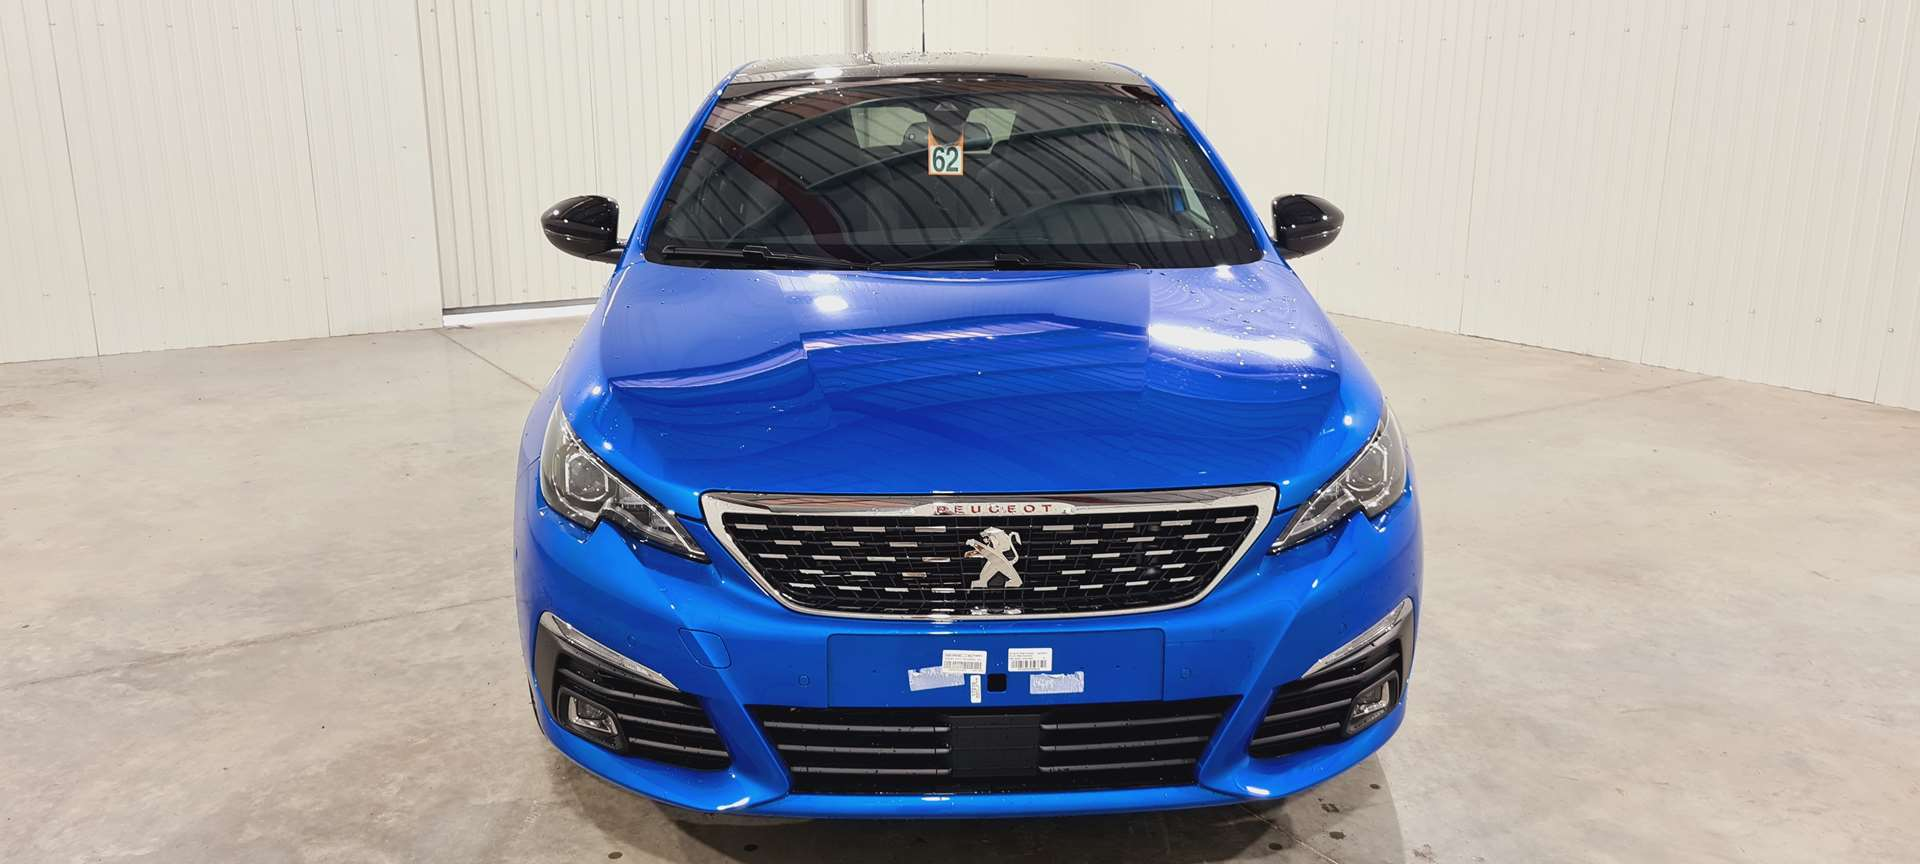 photo PEUGEOT 308 BlueHDi 130 S&S EAT8 GT Pack TOIT PANORAMIQUE